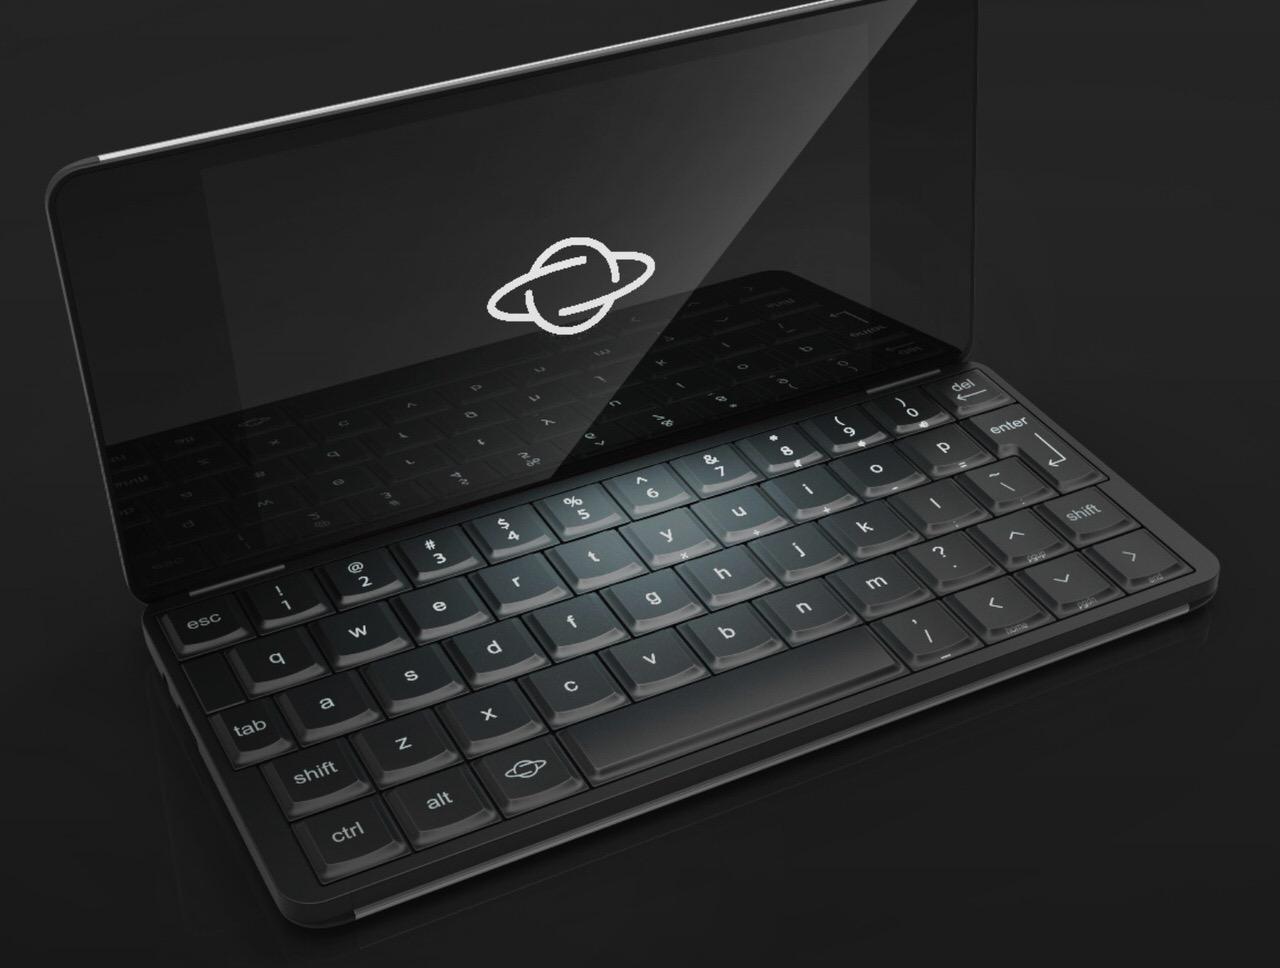 Psionを彷彿とさせるAndroid/Linuxがデュアルブートするフルキーボード搭載スマホ「Gemini PDA」